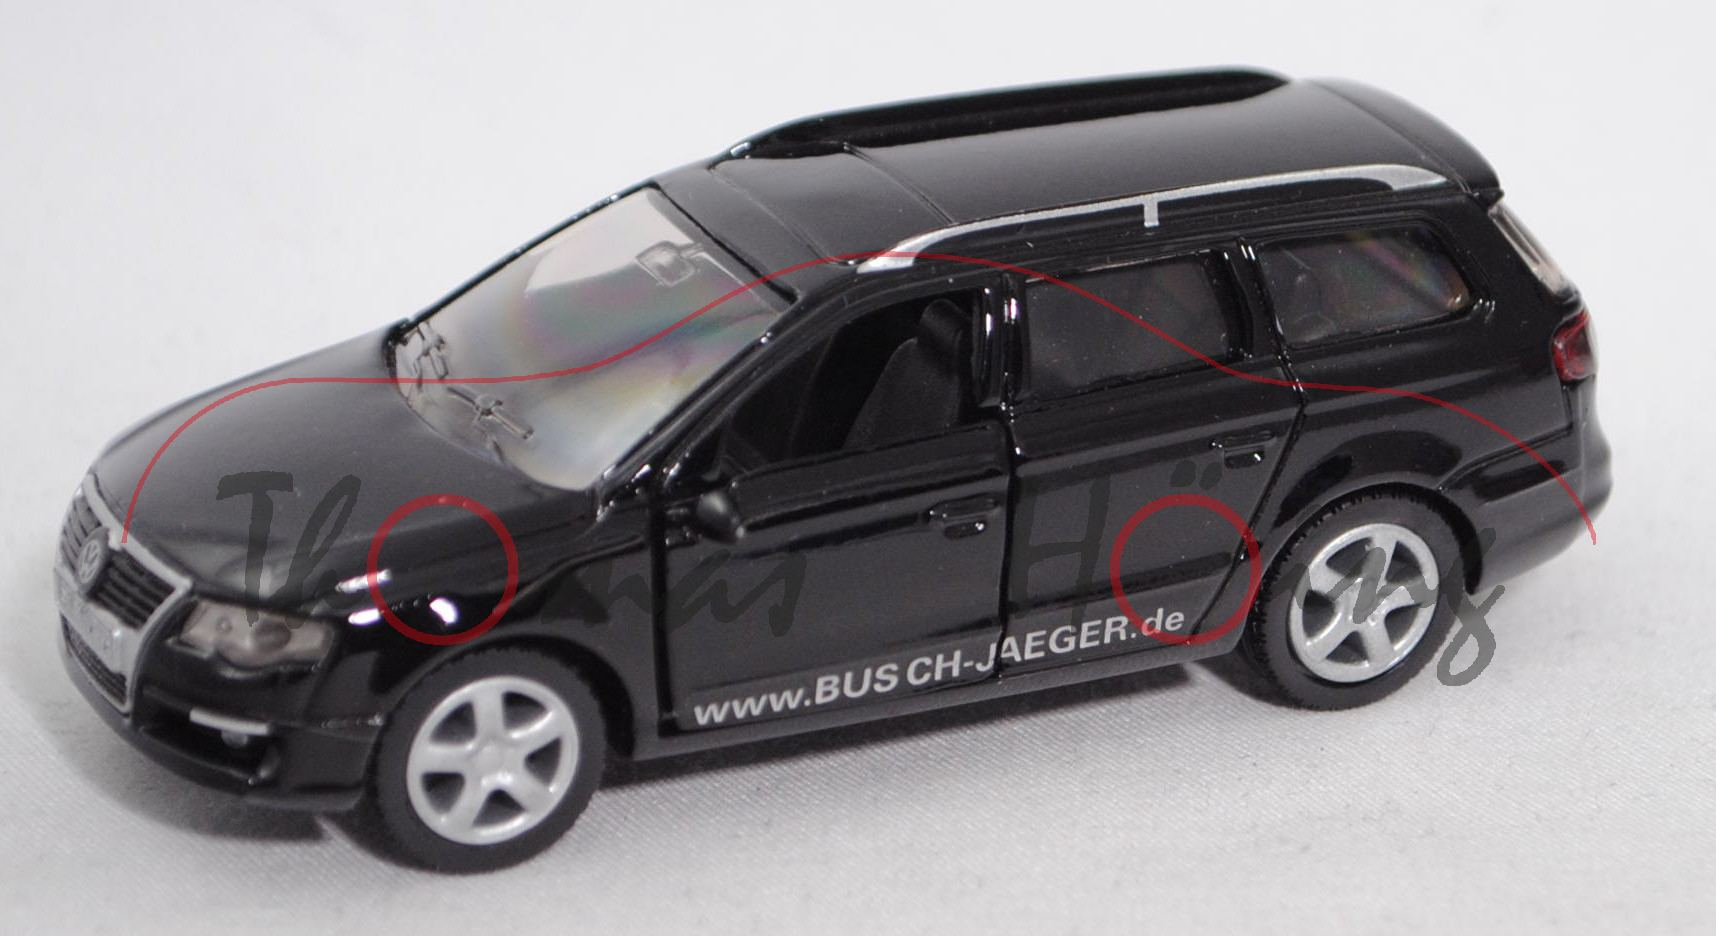 Siku Super 1314 00600 VW Transporter Typ T3 Bundespost-Peilwagen TV DETECTOR VAN